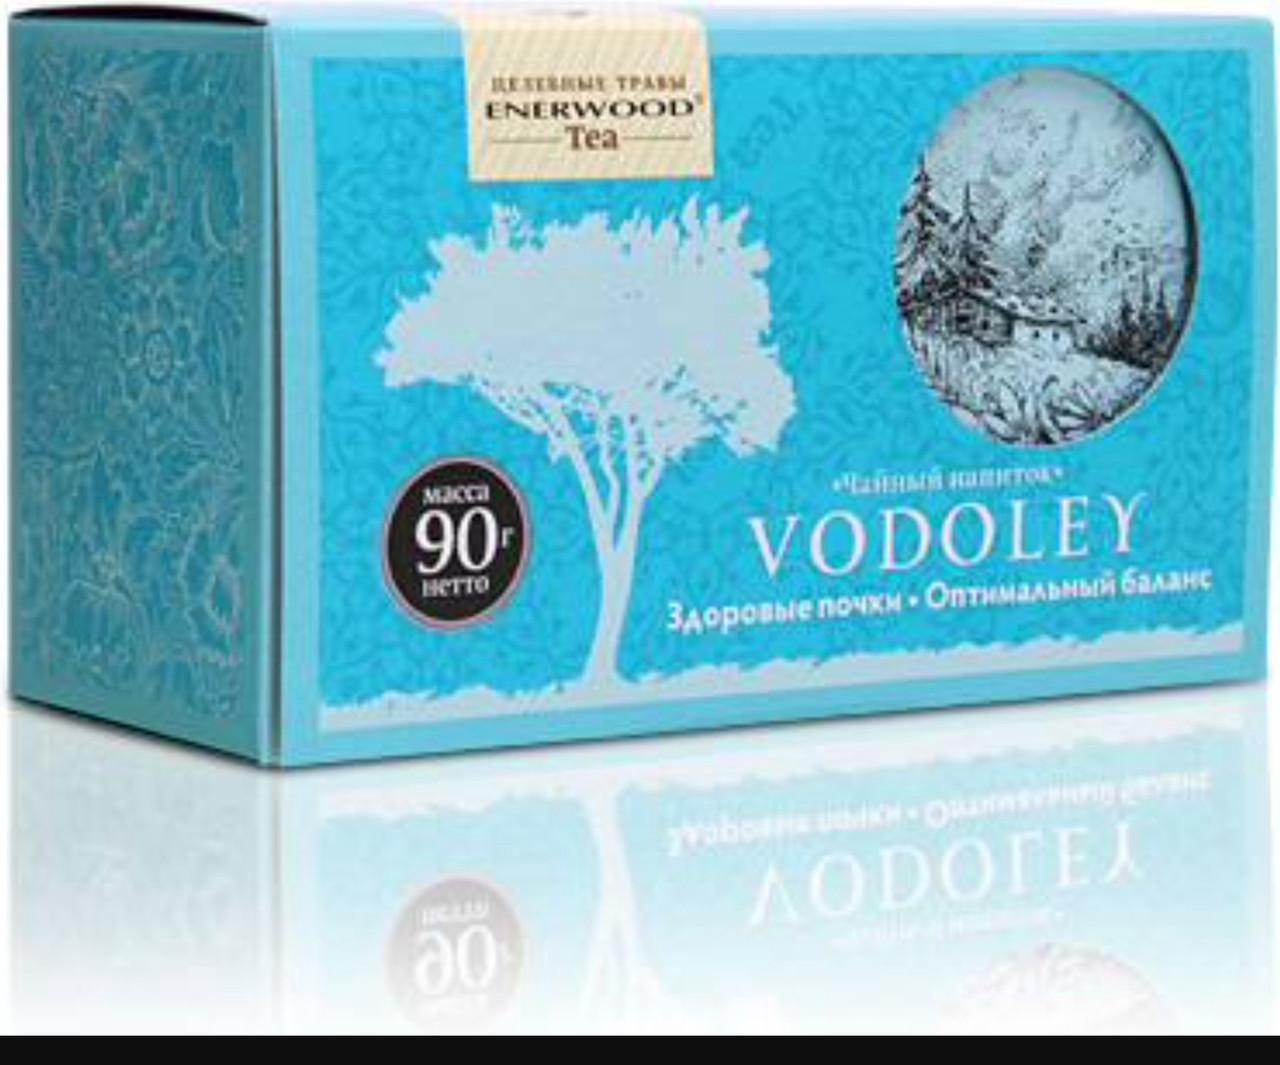 Vodoley Чайный напиток для укрепления здоровья почек